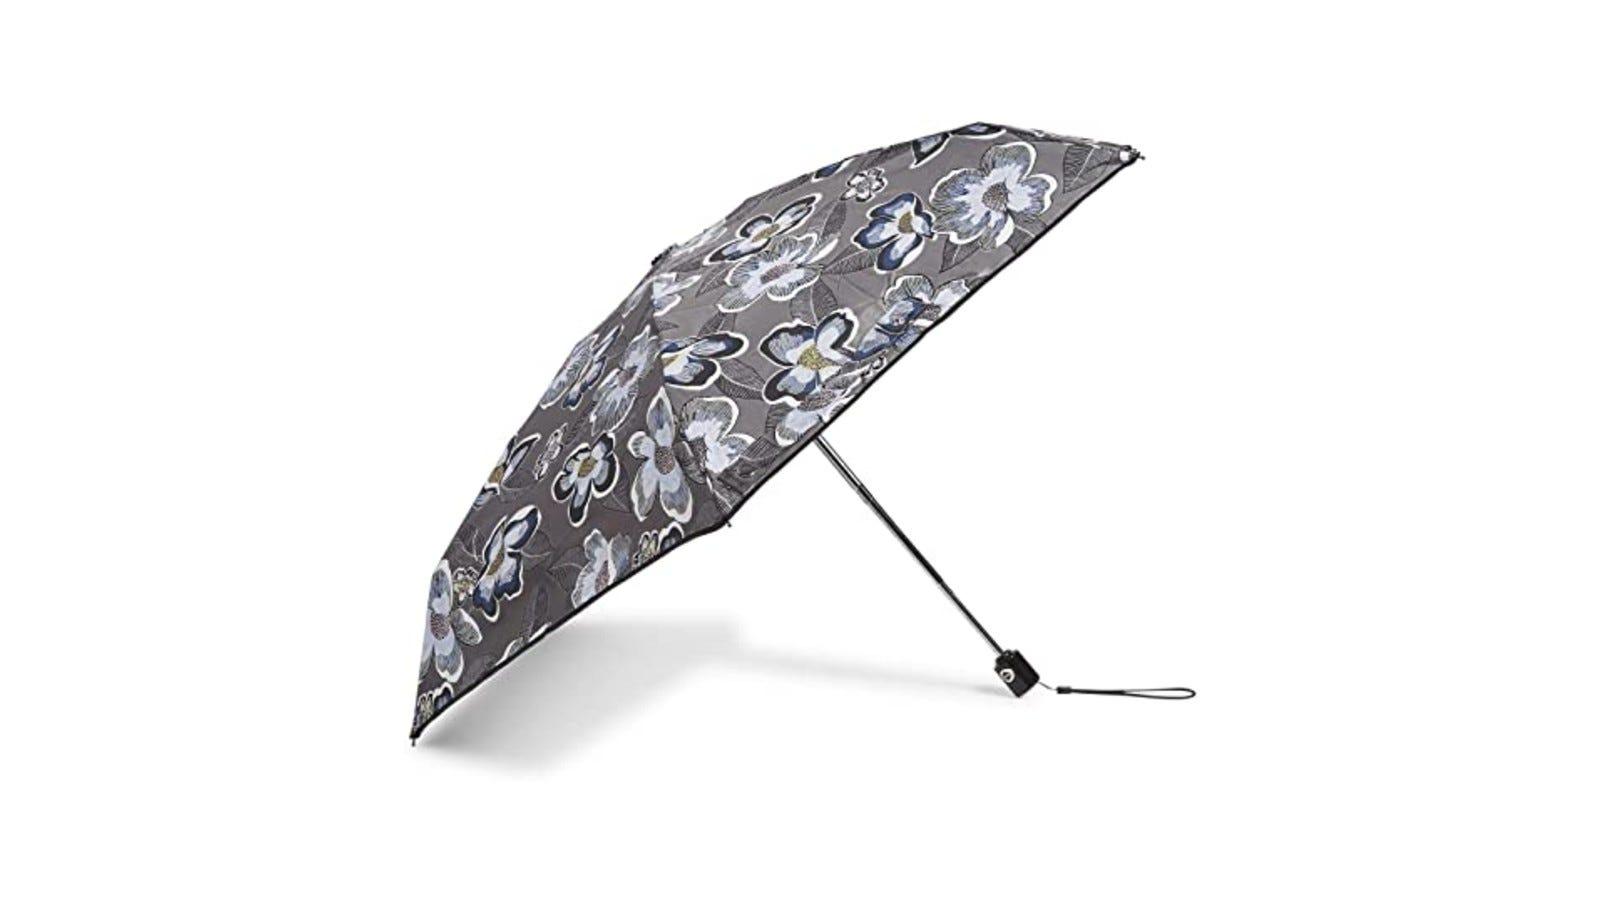 a gray mini umbrella with a floral print